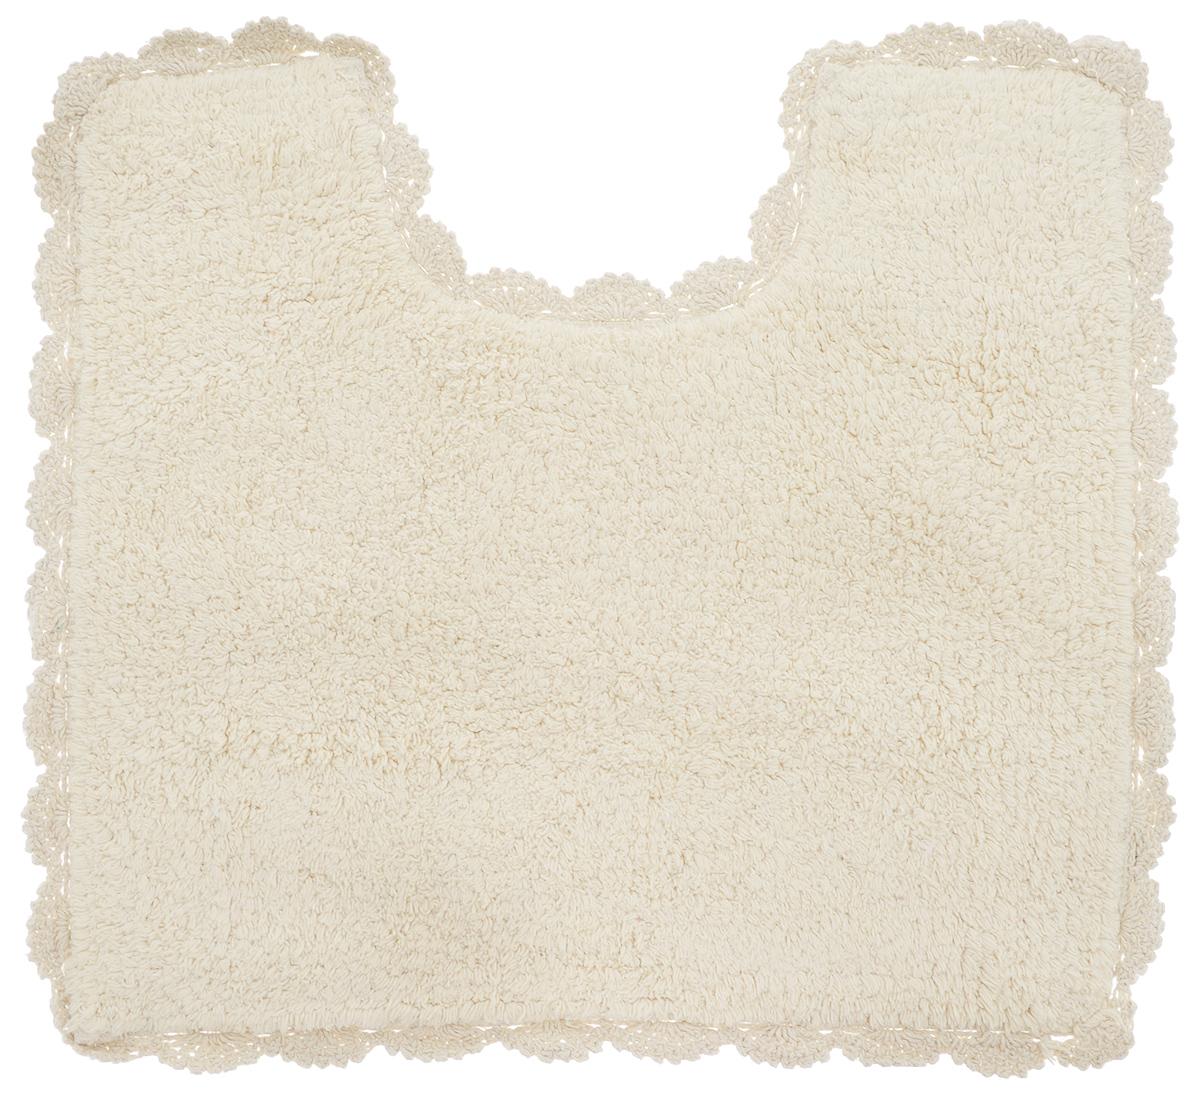 Коврик для туалета Arloni Лейс, цвет: бежевый, 50 х 50 см106-029Коврик Arloni Лейс изготовлен из экологически чистого материала - натурального хлопка. Оформлен невероятно красивым кружевом. Коврик мягкий и приятный на ощупь. Отличается высокой износоустойчивостью, хорошо впитывает влагу, не теряет своих свойств после многократных стирок. Коврик Arloni Лейс гармонично впишется в интерьер вашего дома и создаст атмосферу уюта и комфорта. Изделие отличается высоким качеством пошива и стильным дизайном, а материал прекрасно переносит большое количество стирок. Легко стирается в стиральной машине или вручную.